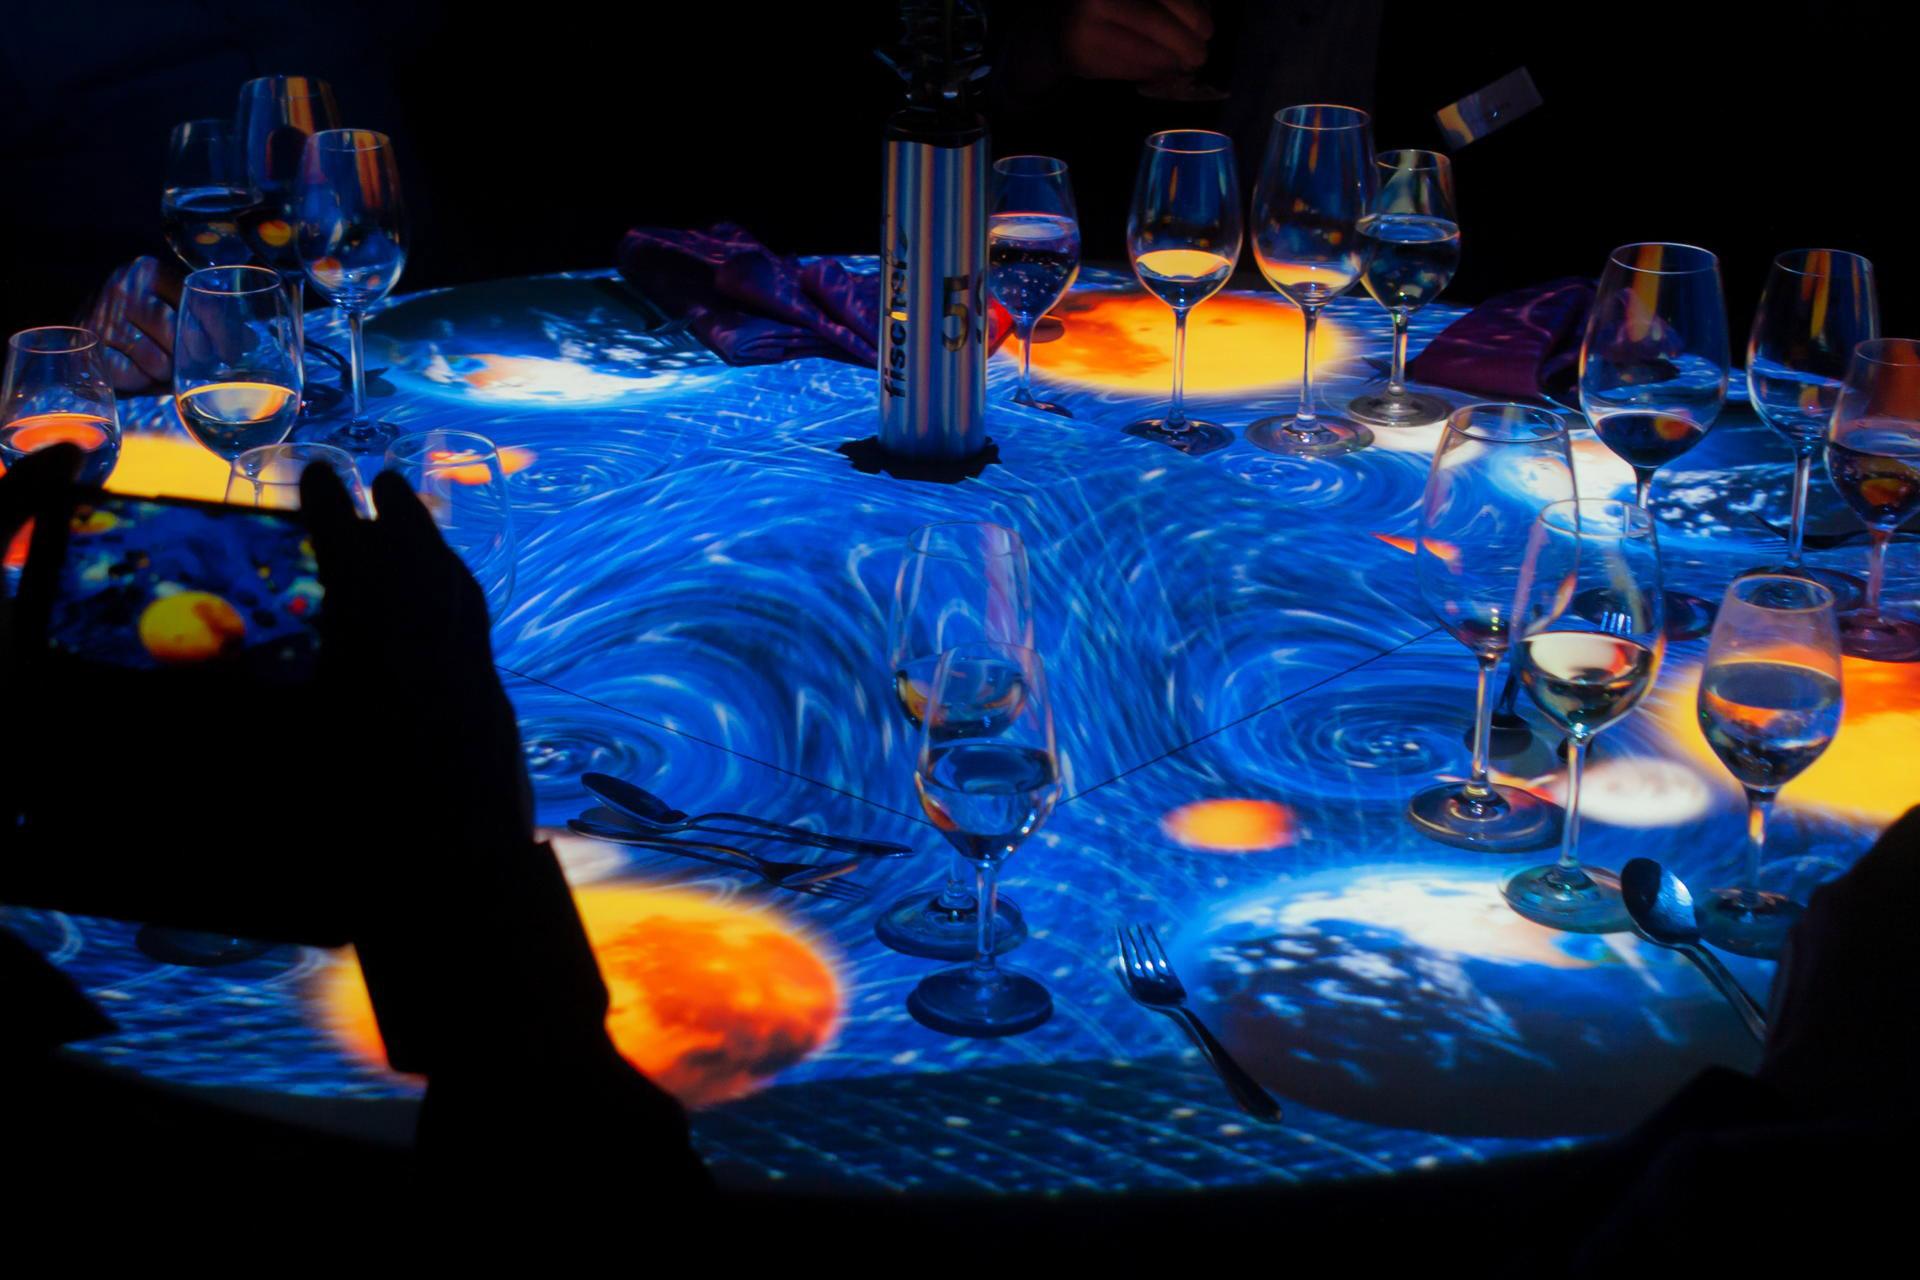 Tischprojektion_50_Jahre_Fischer_pong_li_2